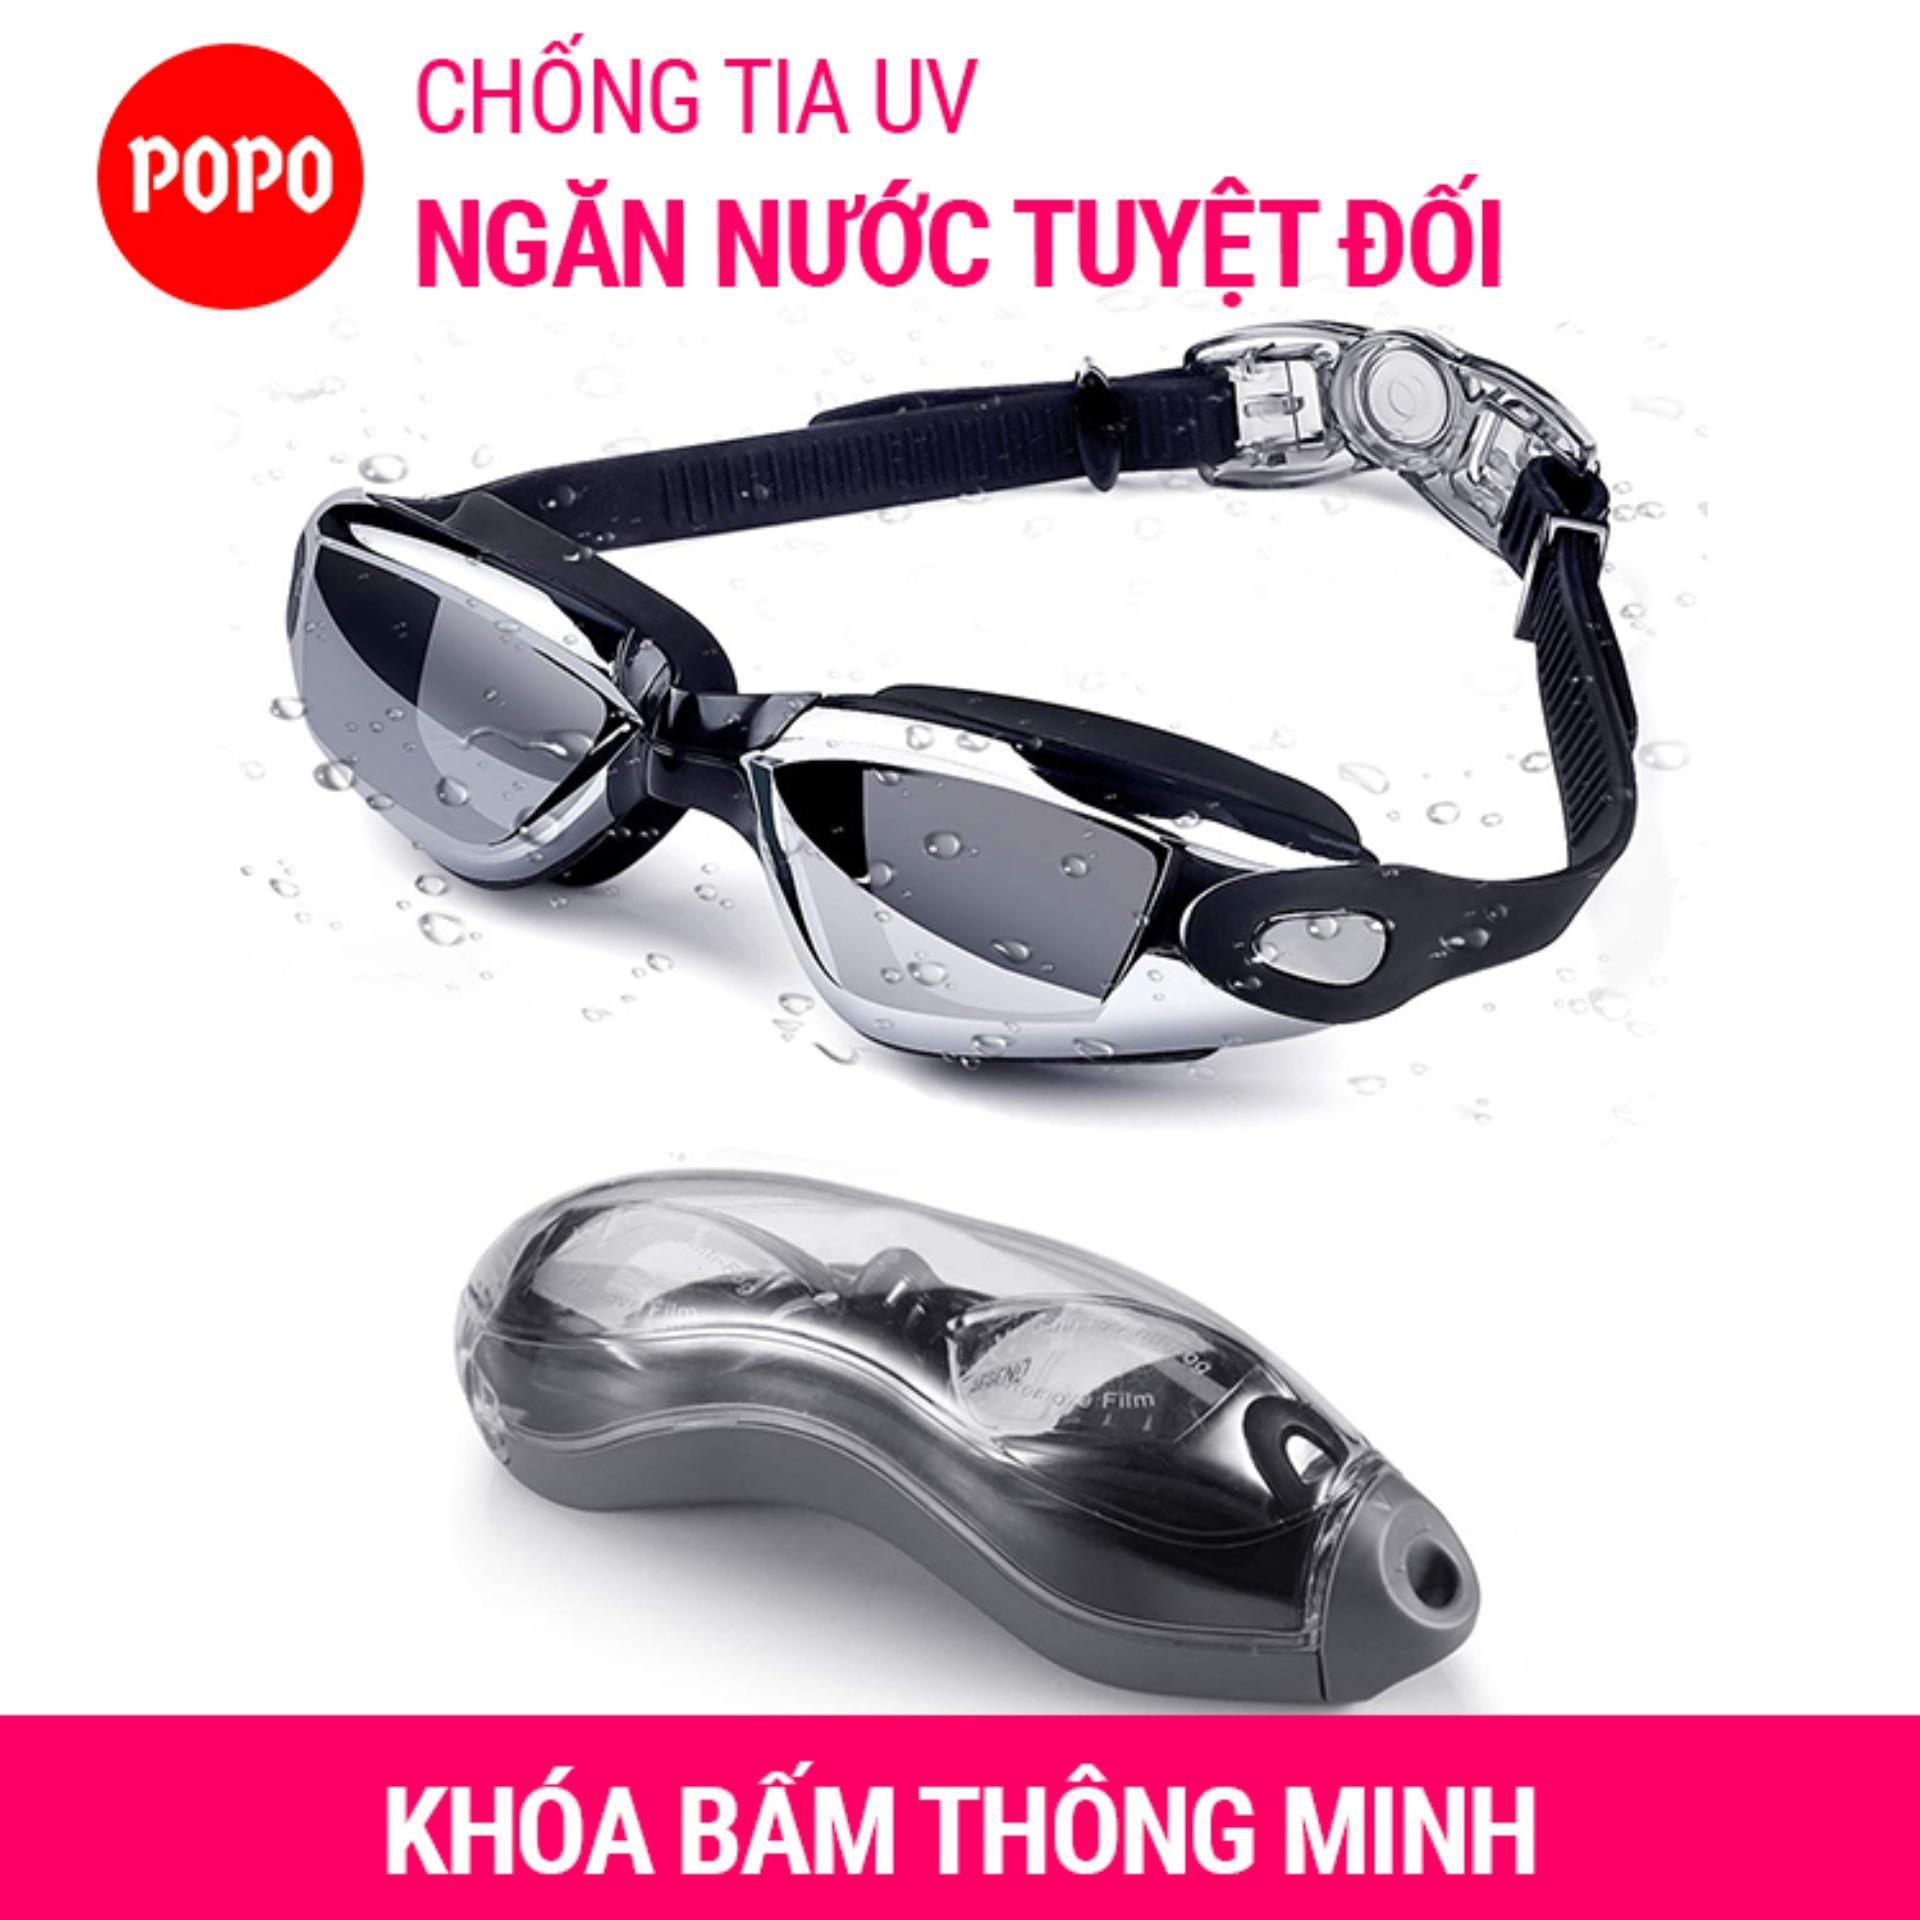 Kính Bơi Thời Trang Cao Cấp 2360 Tráng GƯƠNG Chống Tia UV Chống Hấp Hơi POPO Collection Giá Siêu Cạnh Tranh